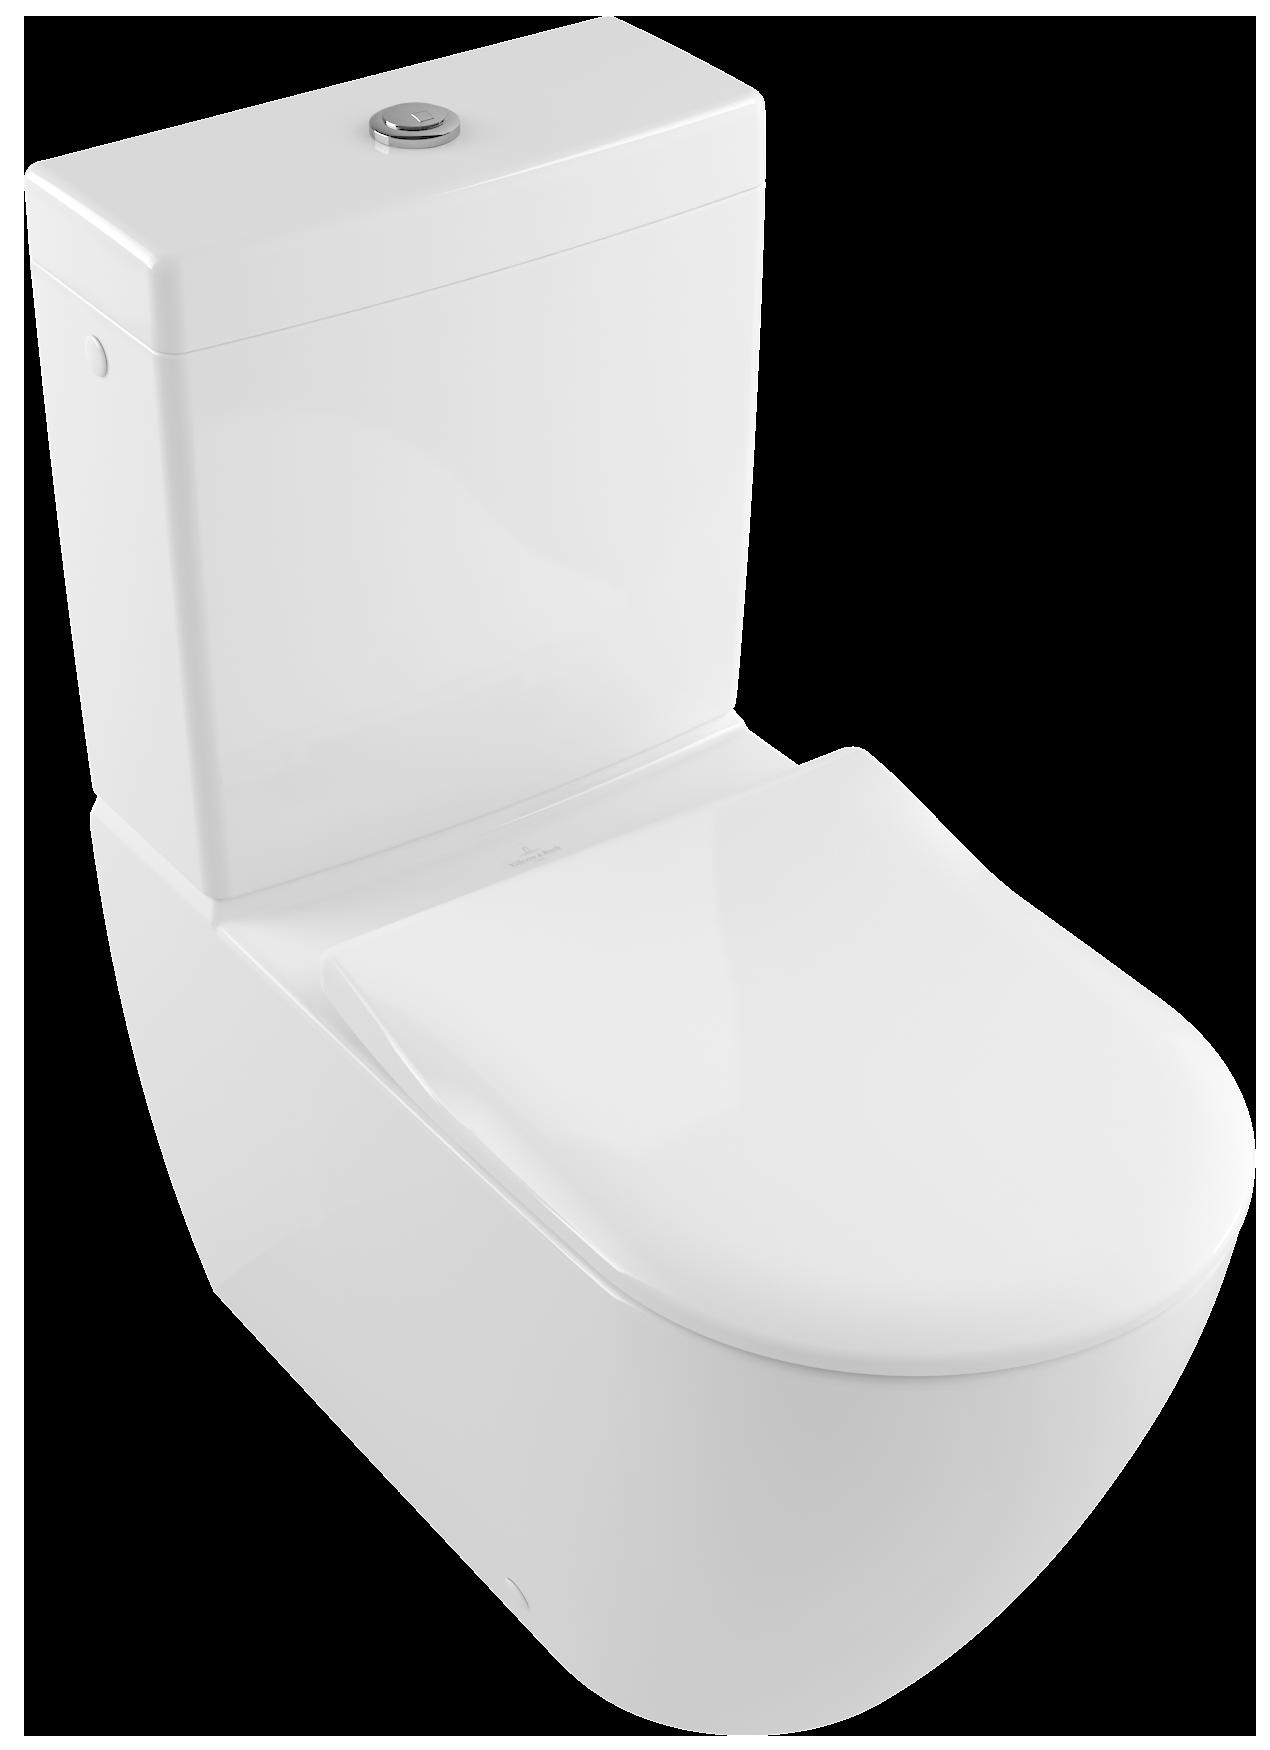 subway 2 0 cuvette pour ensemble wc fond creux sans bride 5617r0 villeroy boch. Black Bedroom Furniture Sets. Home Design Ideas